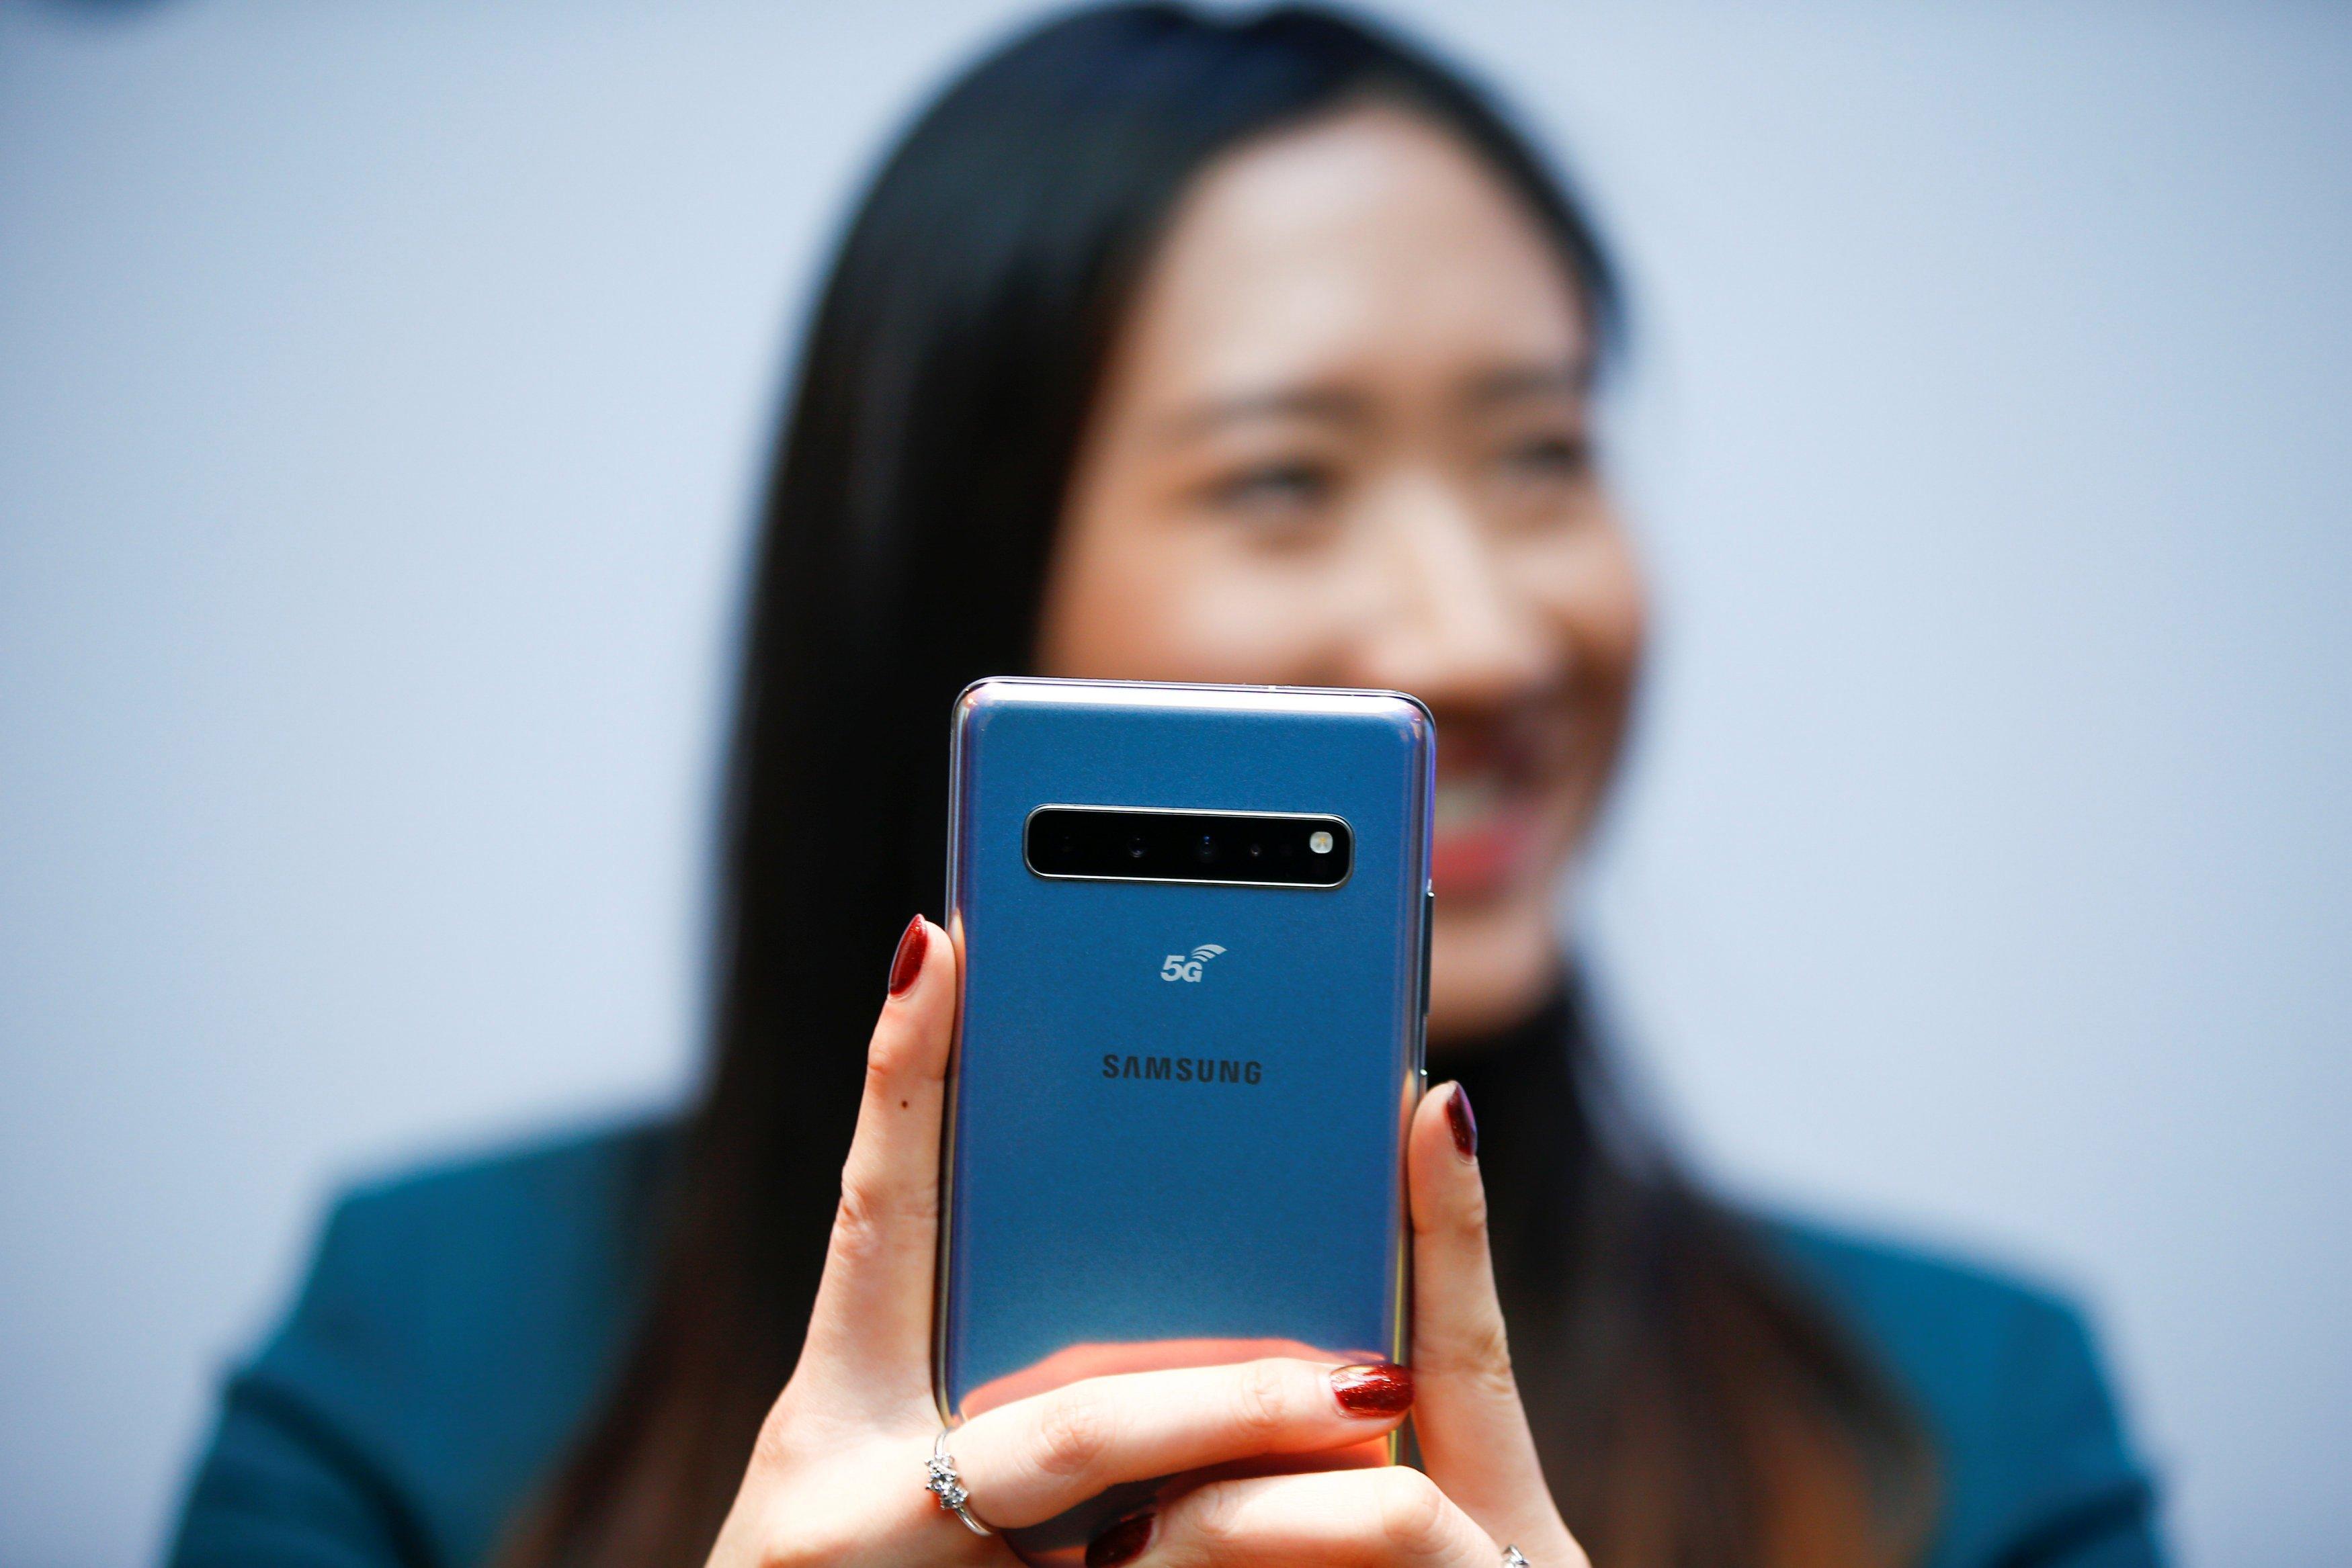 ستحتاج إلى هاتف 5G - مثل Samsung Galaxy S10 5G Edition - للاستمتاع بشبكة 5G